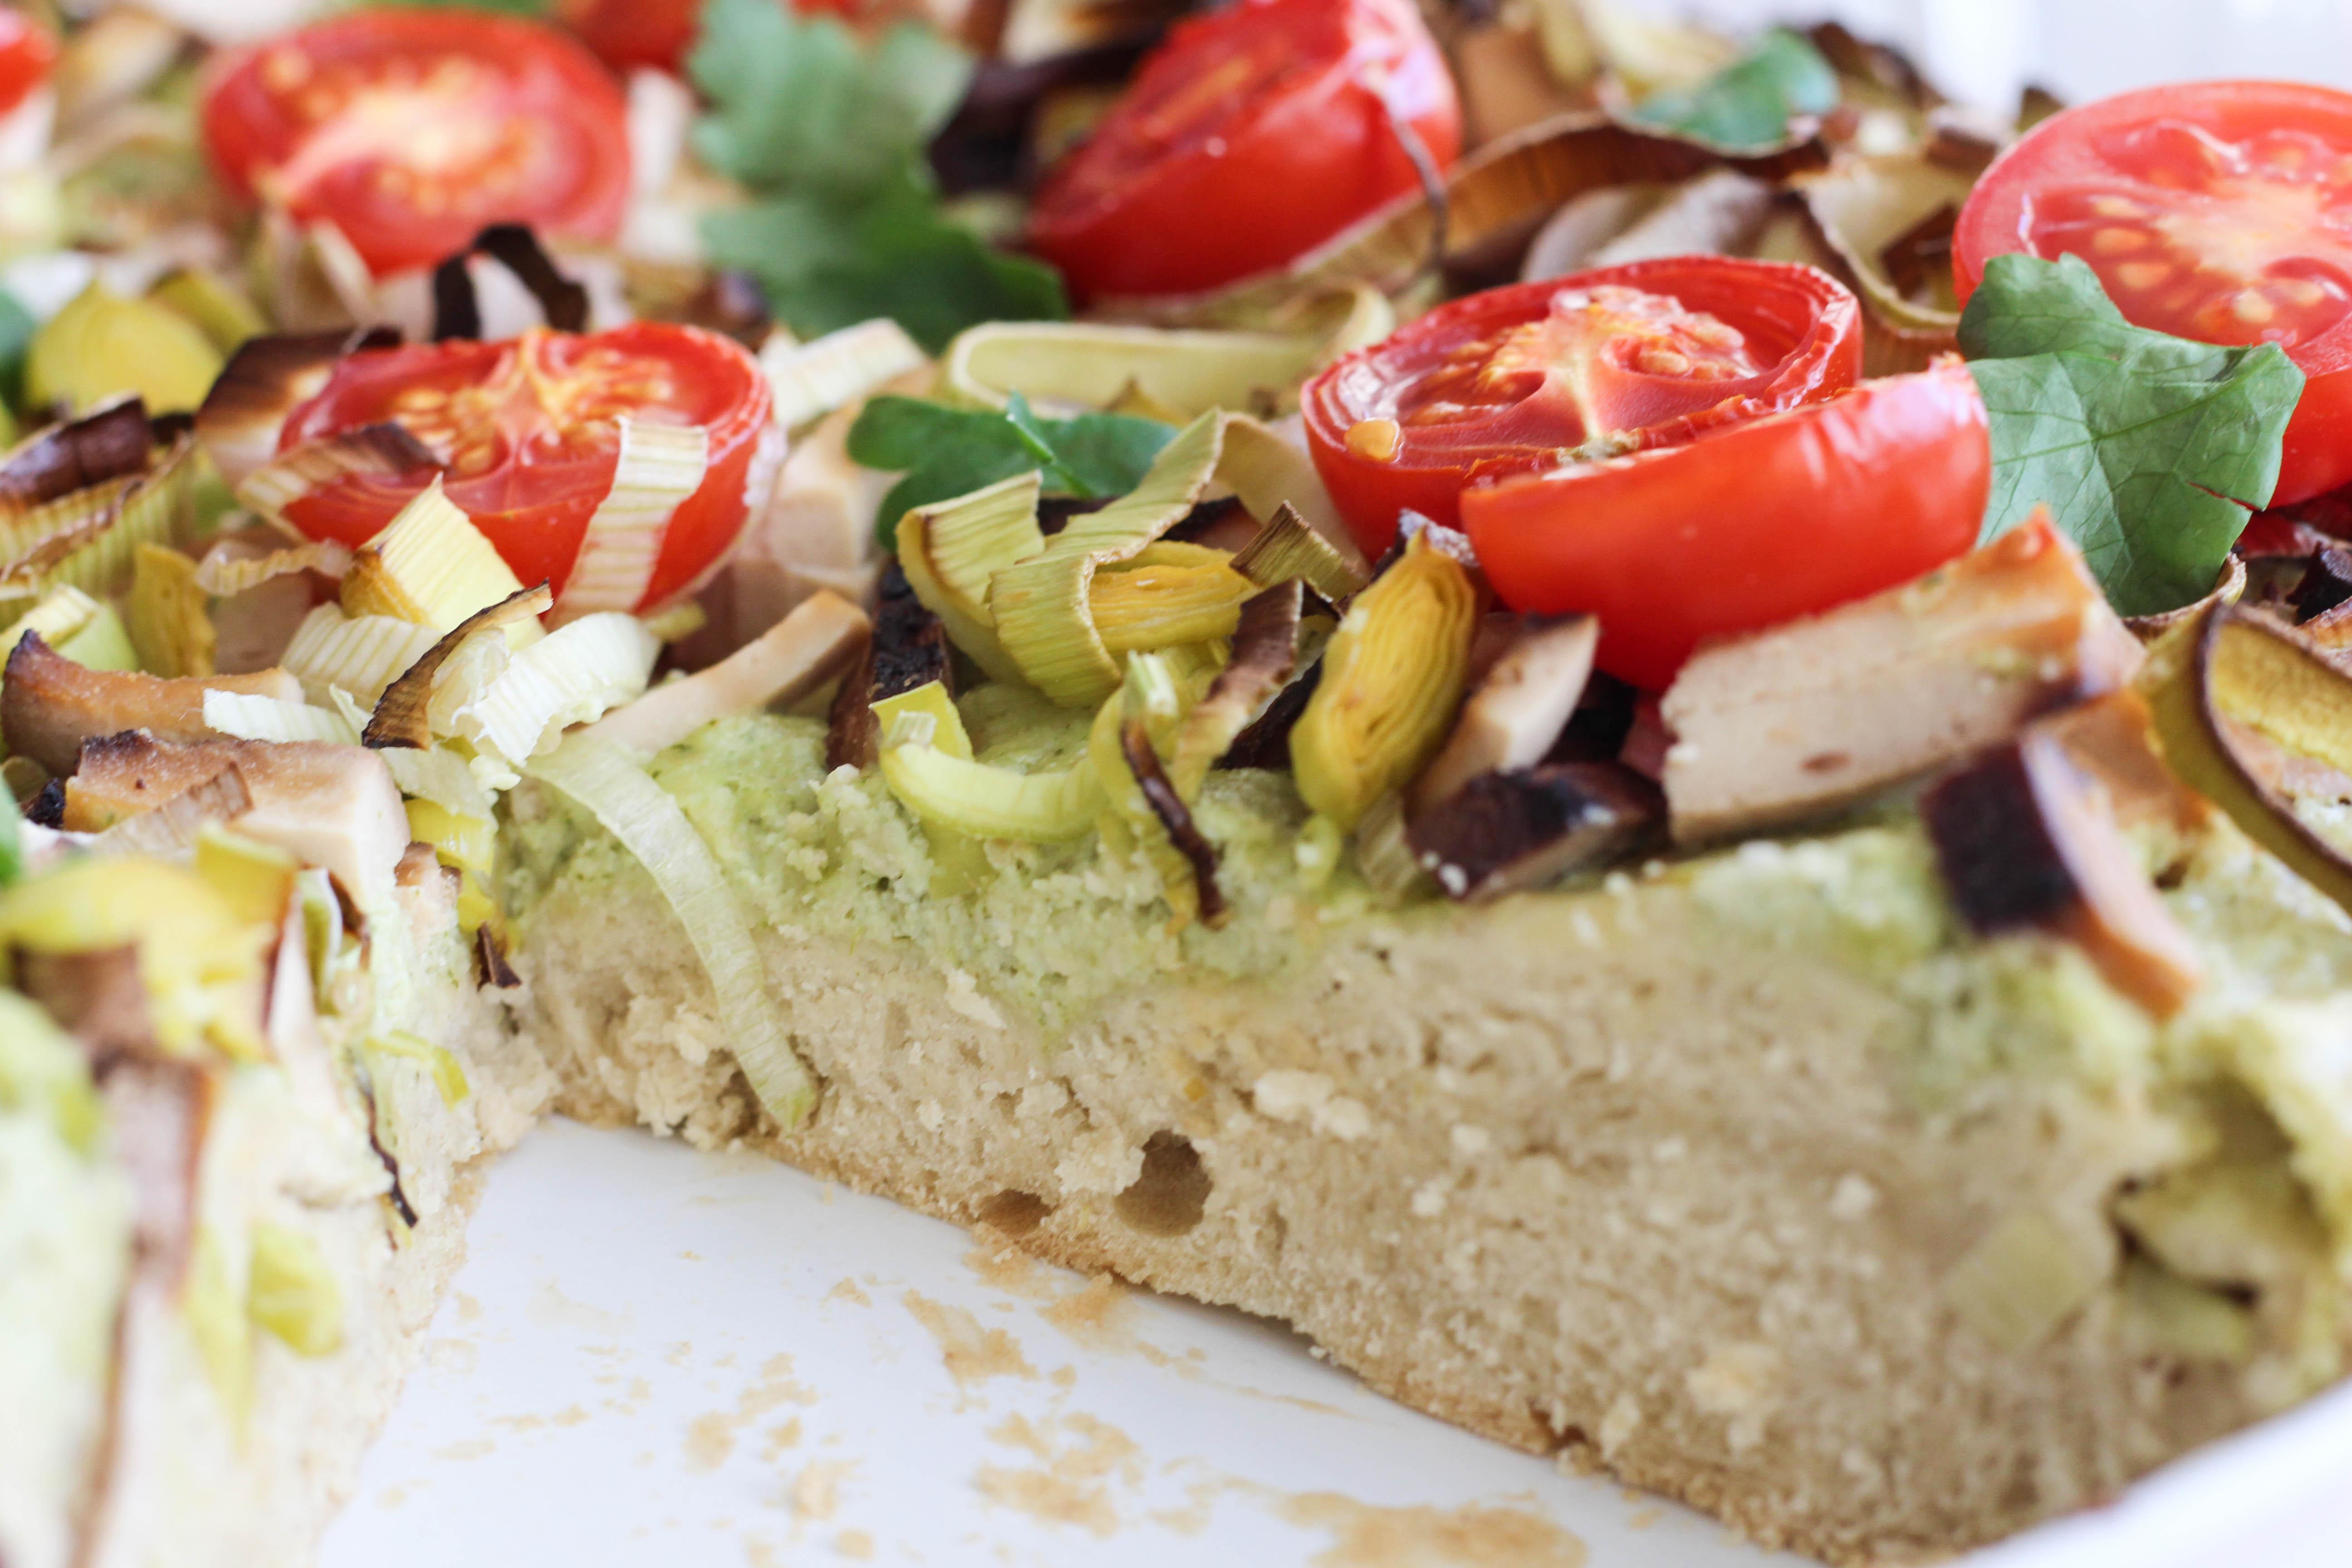 vegan-lauchkuchen-tomaten-lauch-germteig-homespa-plantbased-1-von-1-10